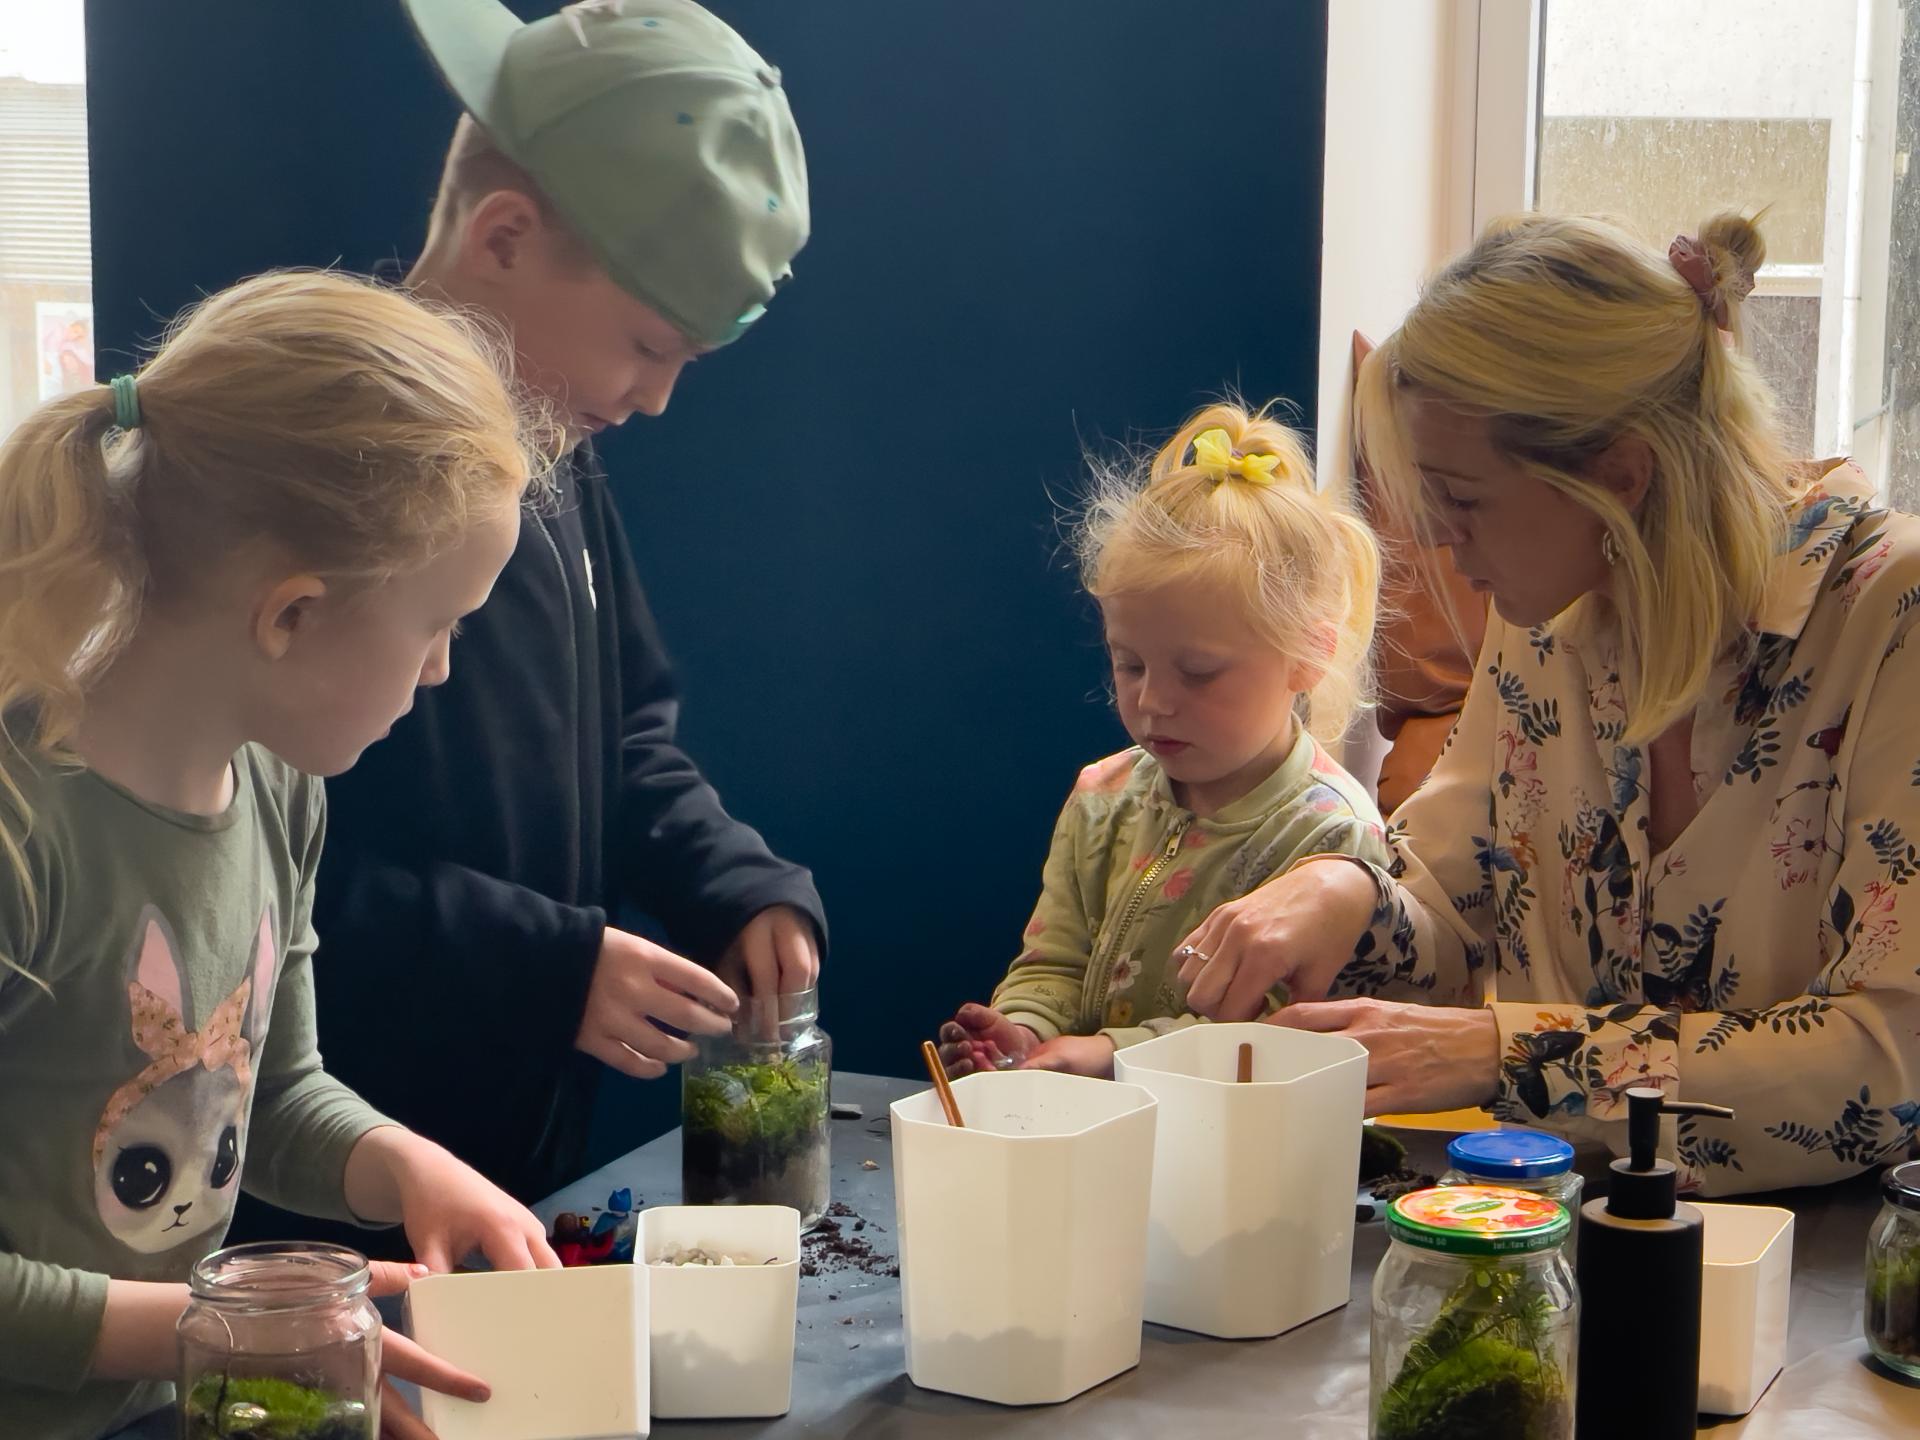 Familieverksted. Sommerferie. Sørlandets Kunstmuseum. Familieaktiviteter. Ferie 2021